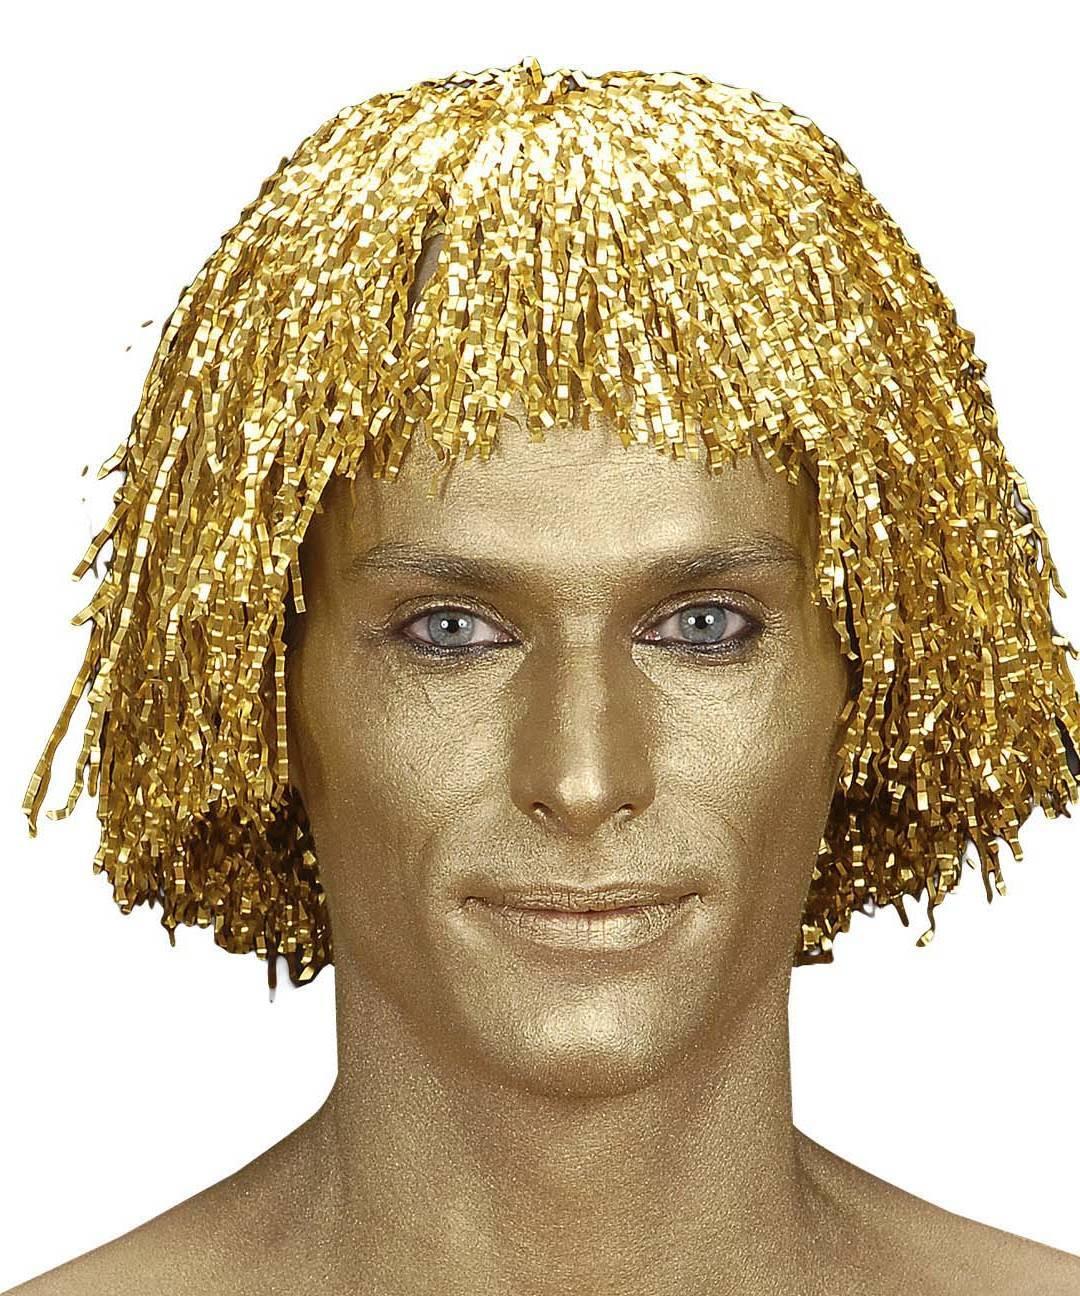 Maquillage-or-pour-la-peau-2